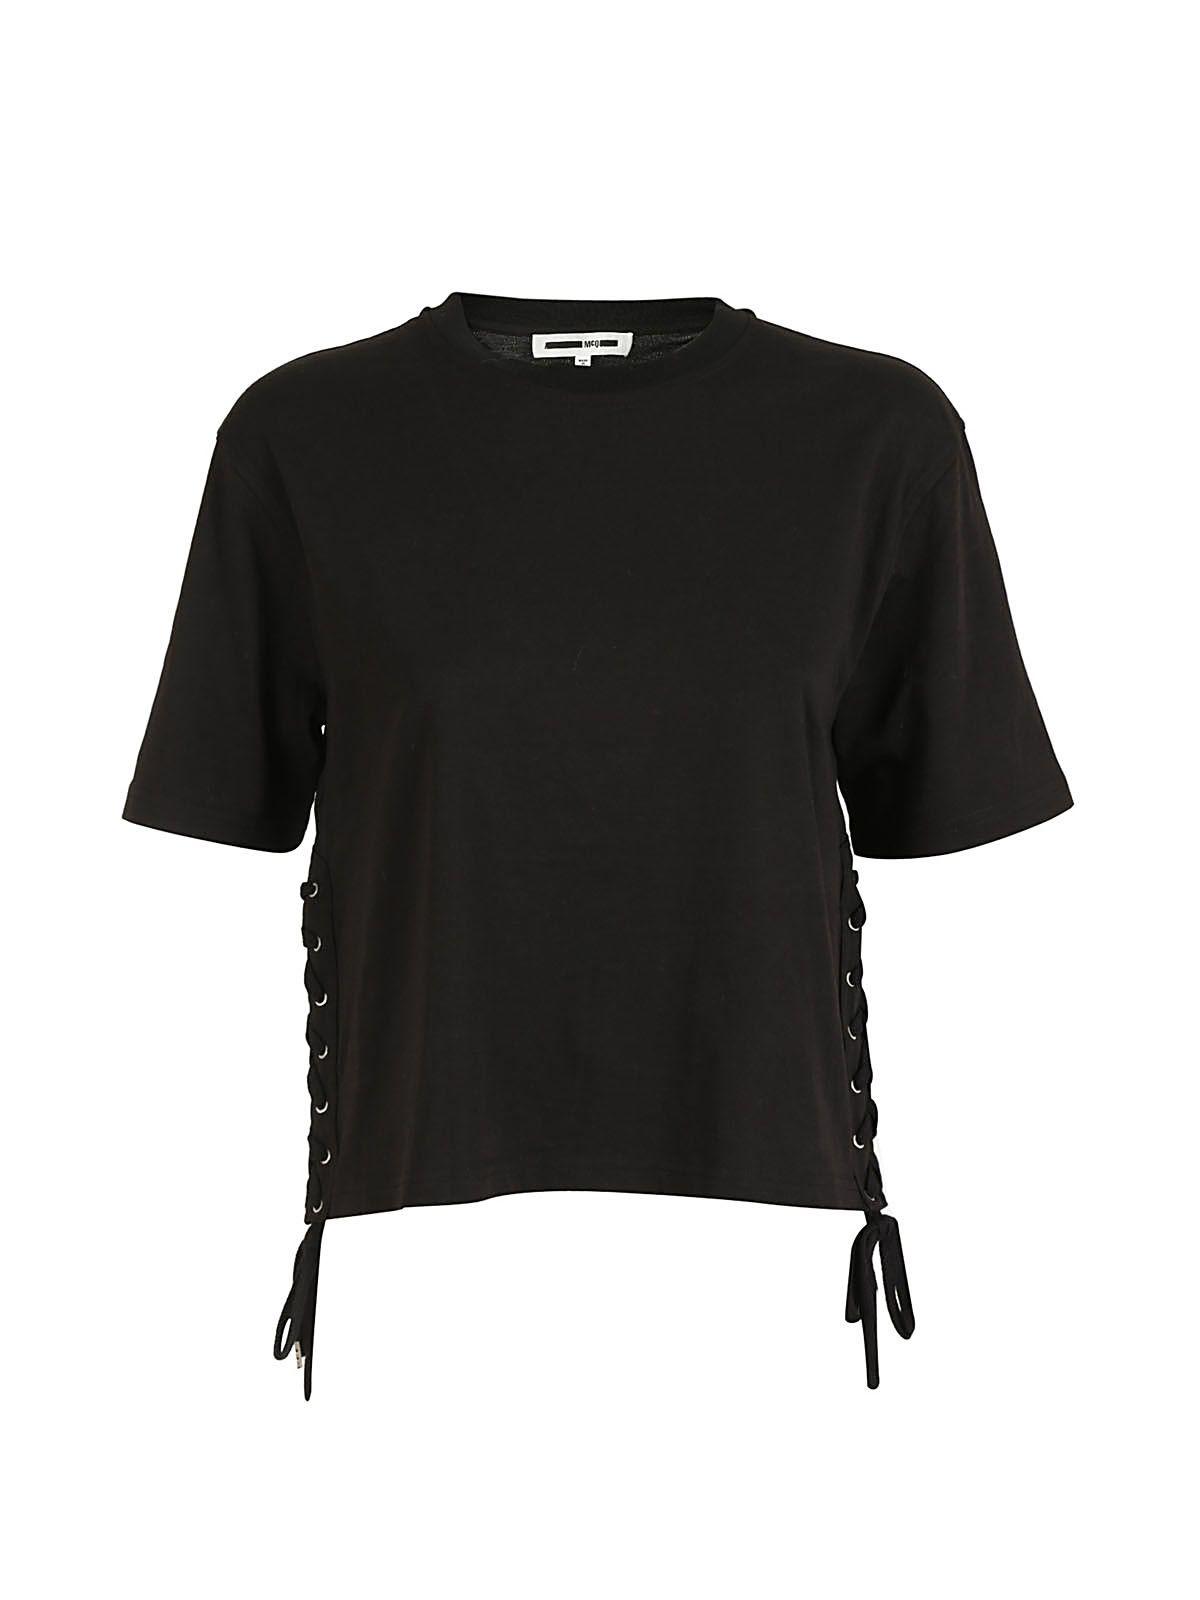 Mcq Alexander Mcqueen Eyelet Detail T-shirt